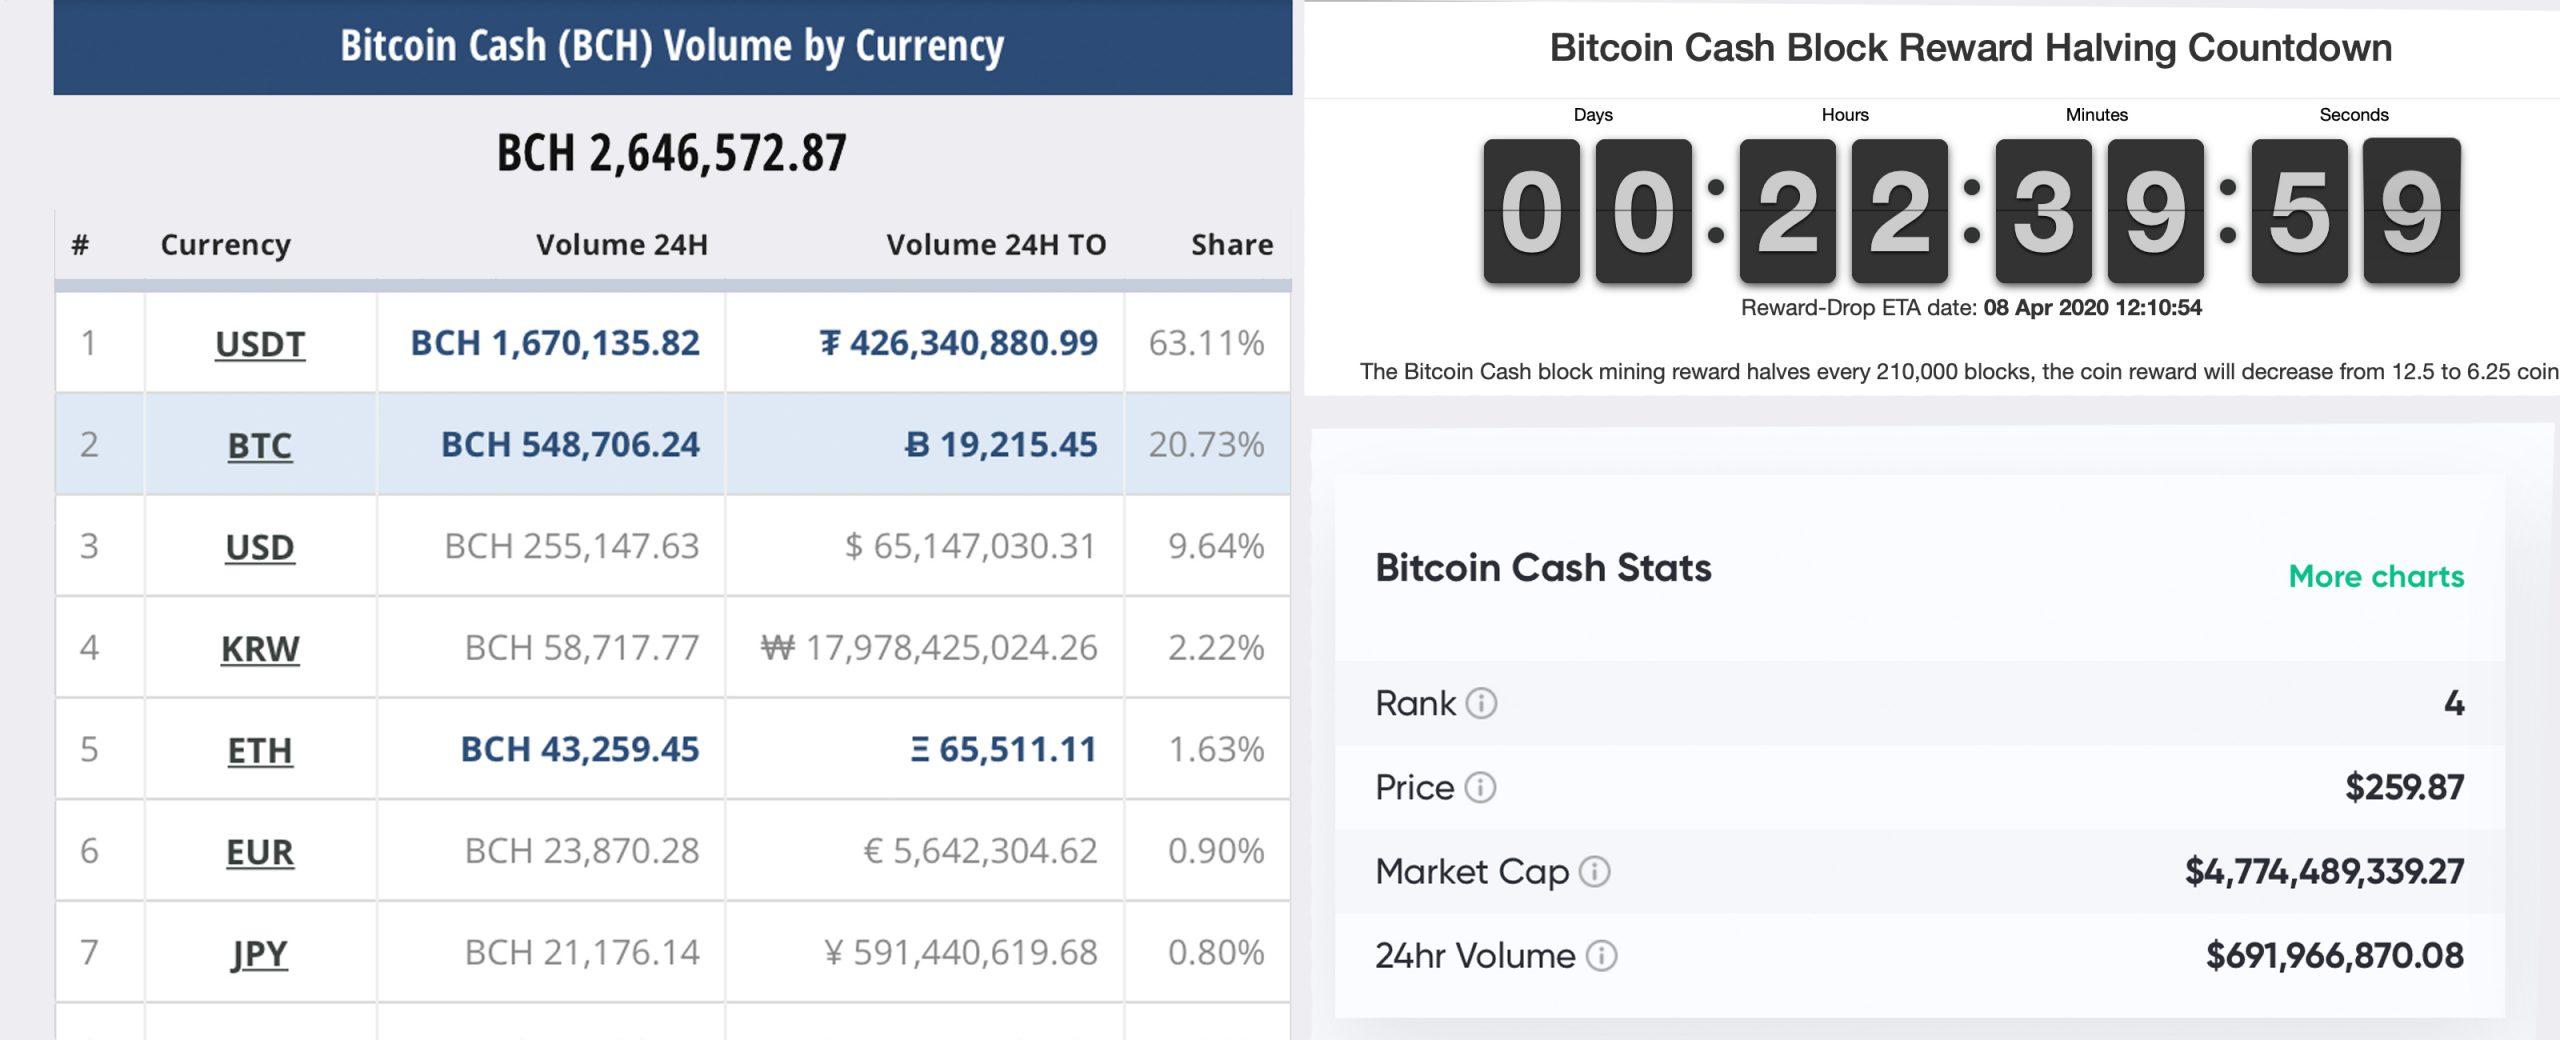 """Actualización del mercado: los comerciantes 'Buck the Trend' empujando el límite del mercado de criptomonedas por encima de $ 200 mil millones """"width ="""" 2560 """"height ="""" 1040 """"srcset ="""" https://news.bitcoin.com/wp-content/ uploads / 2020/04 / countdown-scaled.jpg 2560w, https://news.bitcoin.com/wp-content/uploads/2020/04/countdown-300x122.jpg 300w, https://news.bitcoin.com/ wp-content / uploads / 2020/04 / countdown-1024x416.jpg 1024w, https://news.bitcoin.com/wp-content/uploads/2020/04/countdown-768x312.jpg 768w, https: // noticias. bitcoin.com/wp-content/uploads/2020/04/countdown-1536x624.jpg 1536w, https://news.bitcoin.com/wp-content/uploads/2020/04/countdown-2048x832.jpg 2048w, https: //news.bitcoin.com/wp-content/uploads/2020/04/countdown-696x283.jpg 696w, https://news.bitcoin.com/wp-content/uploads/2020/04/countdown-1392x566.jpg 1392w, https://news.bitcoin.com/wp-content/uploads/2020/04/countdown-1068x434.jpg 1068w, https://news.bitcoin.com/wp-content/uploads/2020/04/countdown-1034x420.jpg 1034w, https://news.bitcoin.com/wp-content/uploads/2020/04/countdown -1920x780.jpg 1920w """"tamaños ="""" (ancho máximo: 2560px) 100vw, 2560px"""